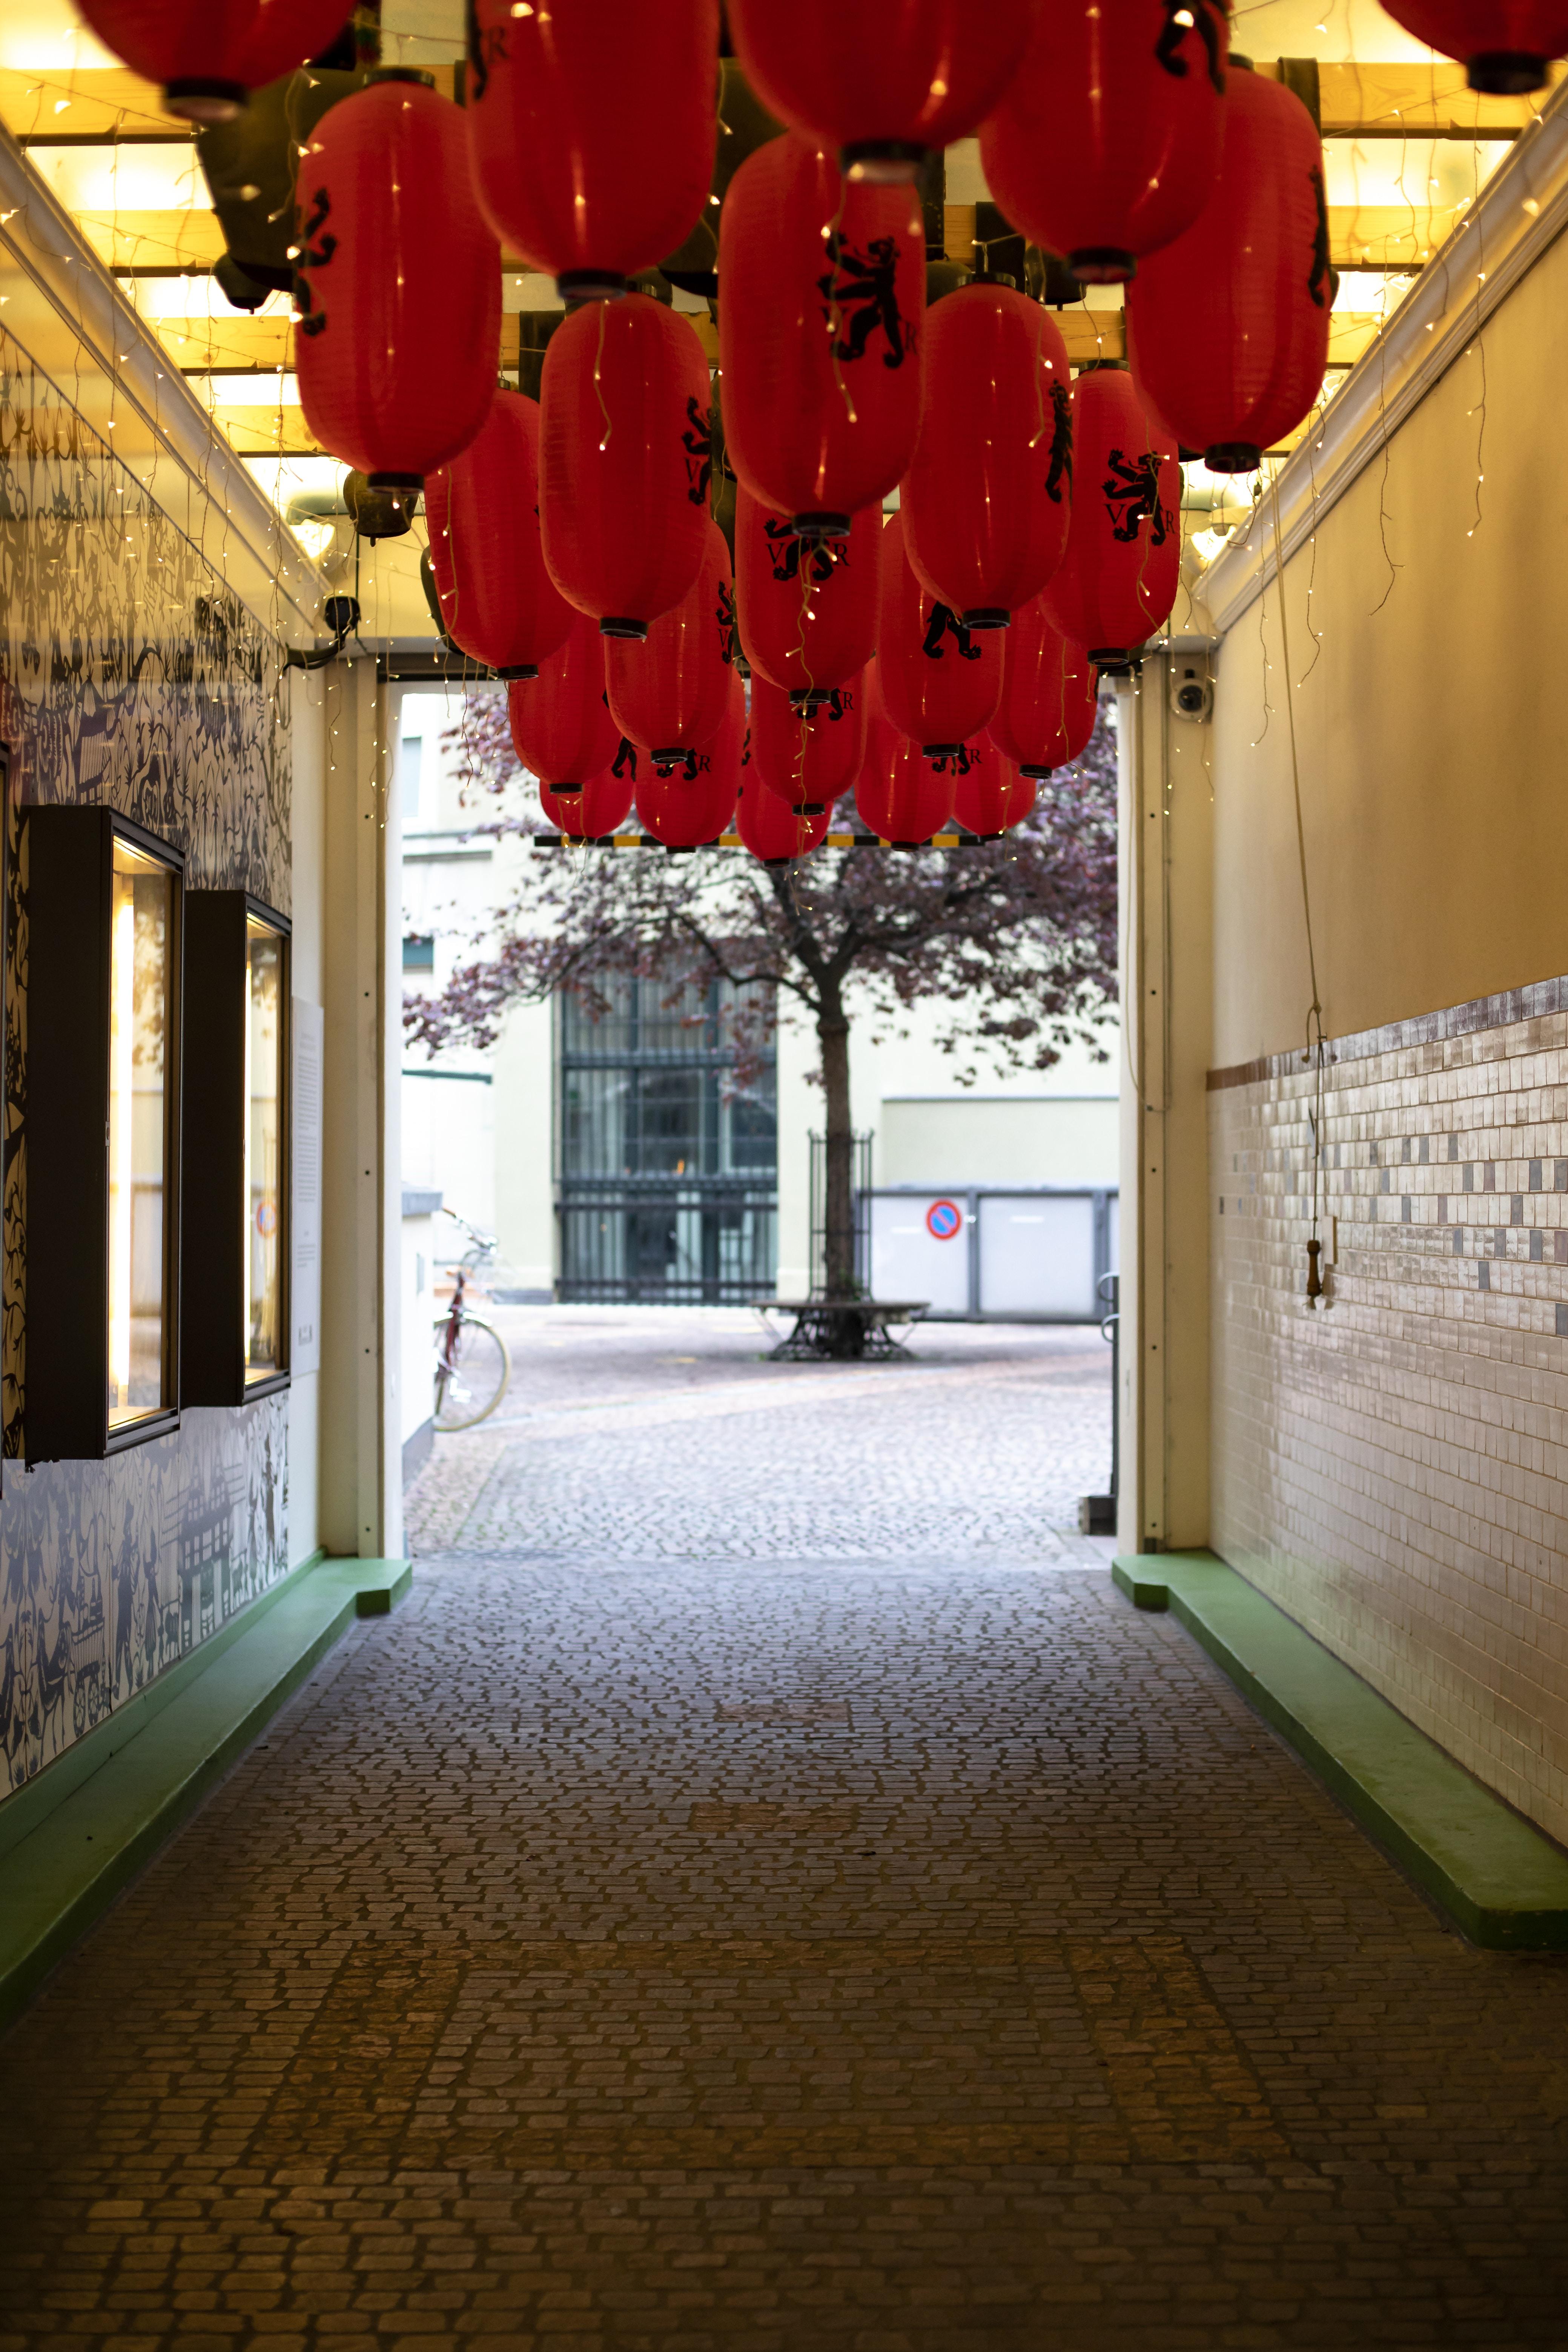 hanged red lantern lamps